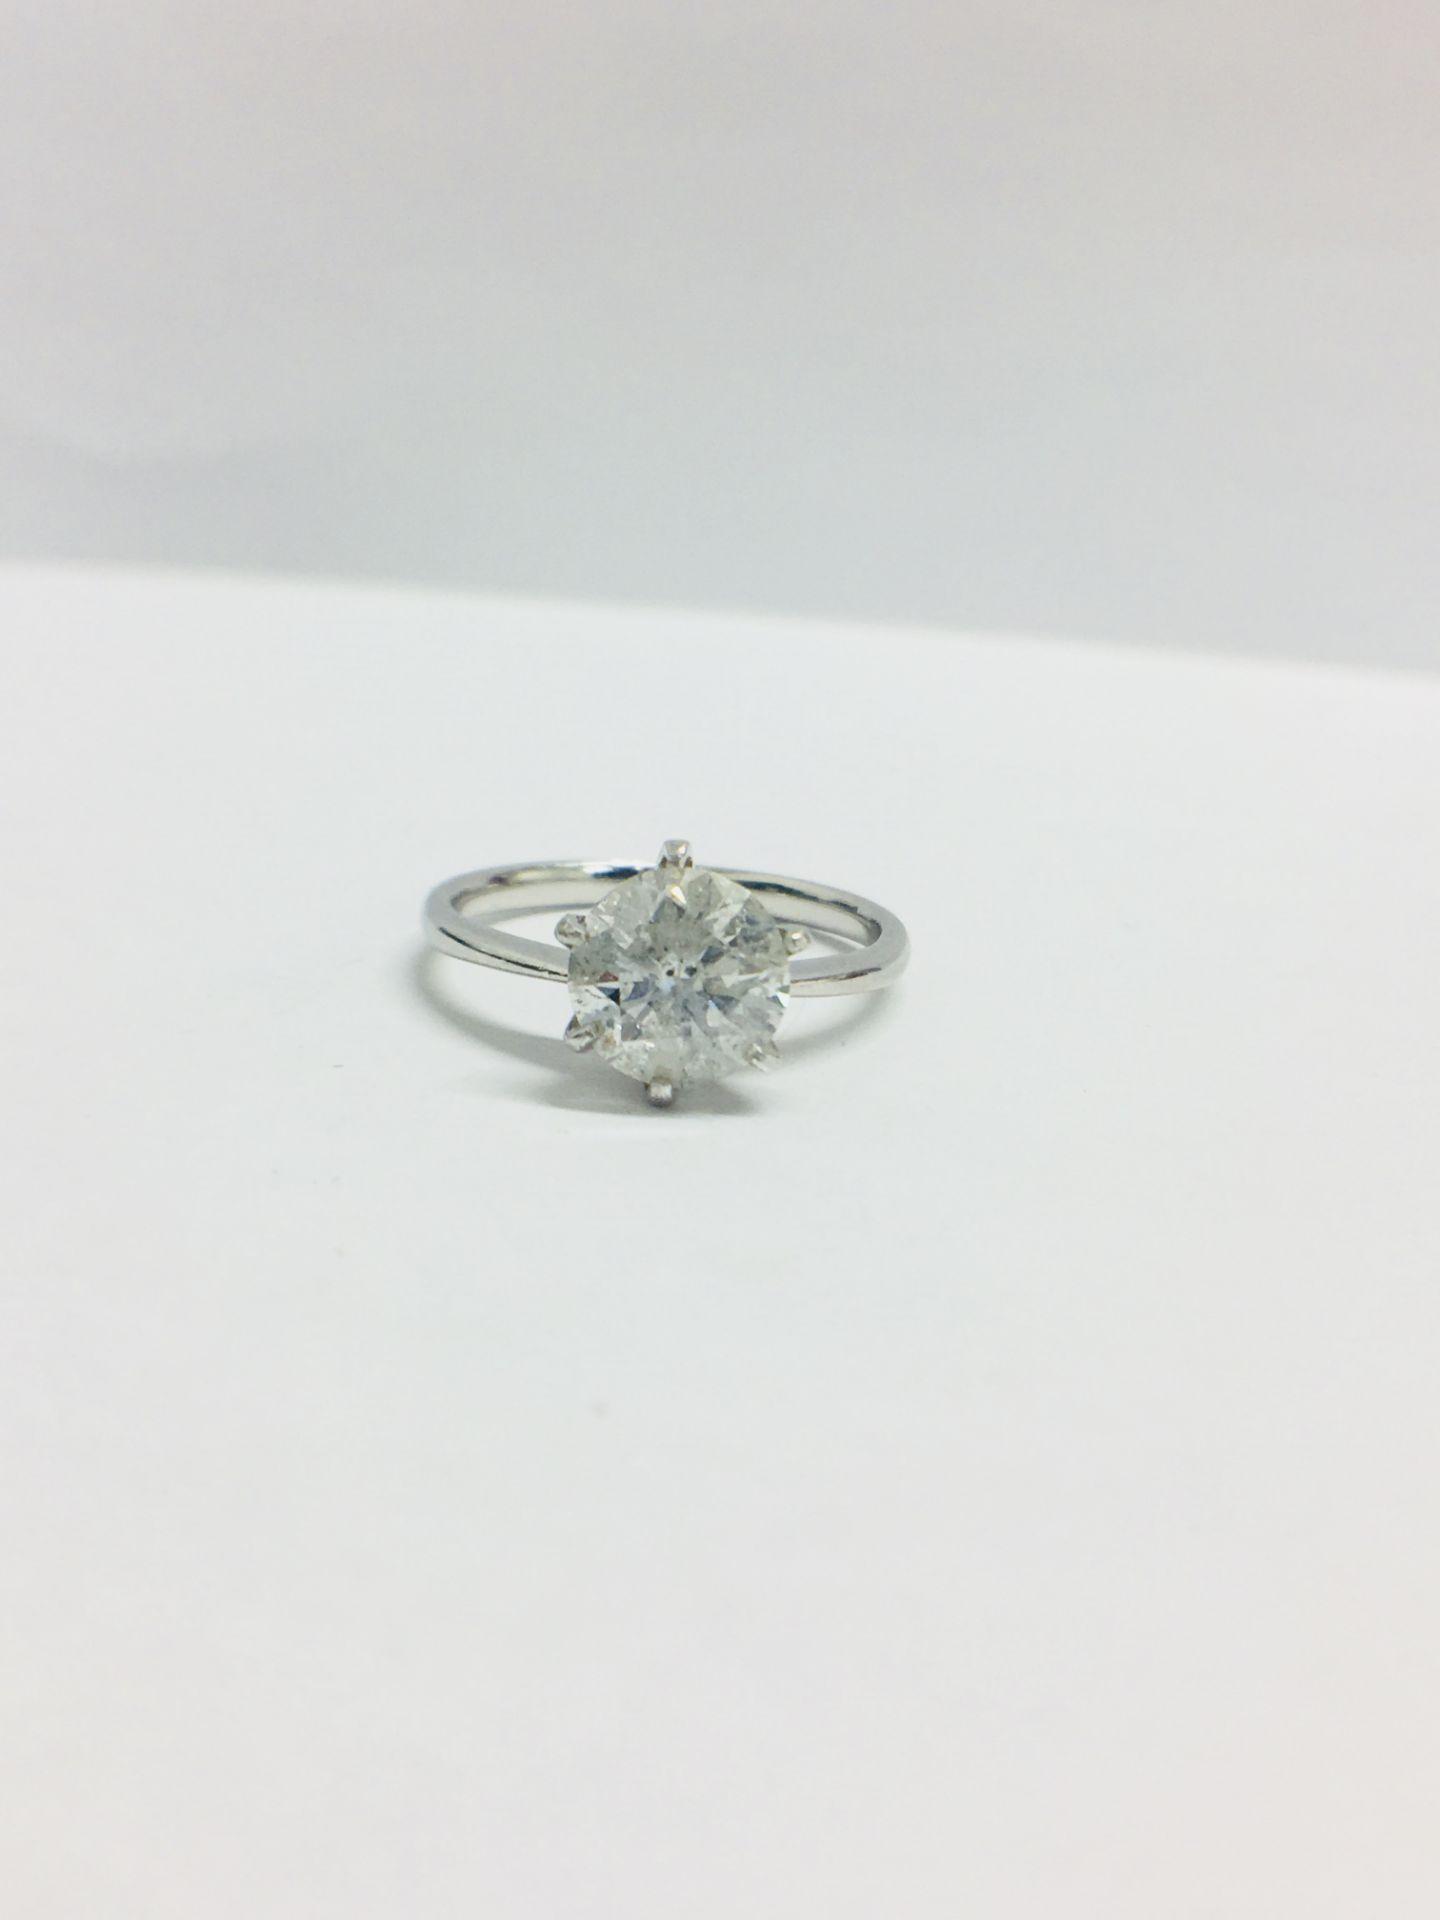 Lot 2 - 1.73Ct Diamond Solitaire Ring Set In Platinum.